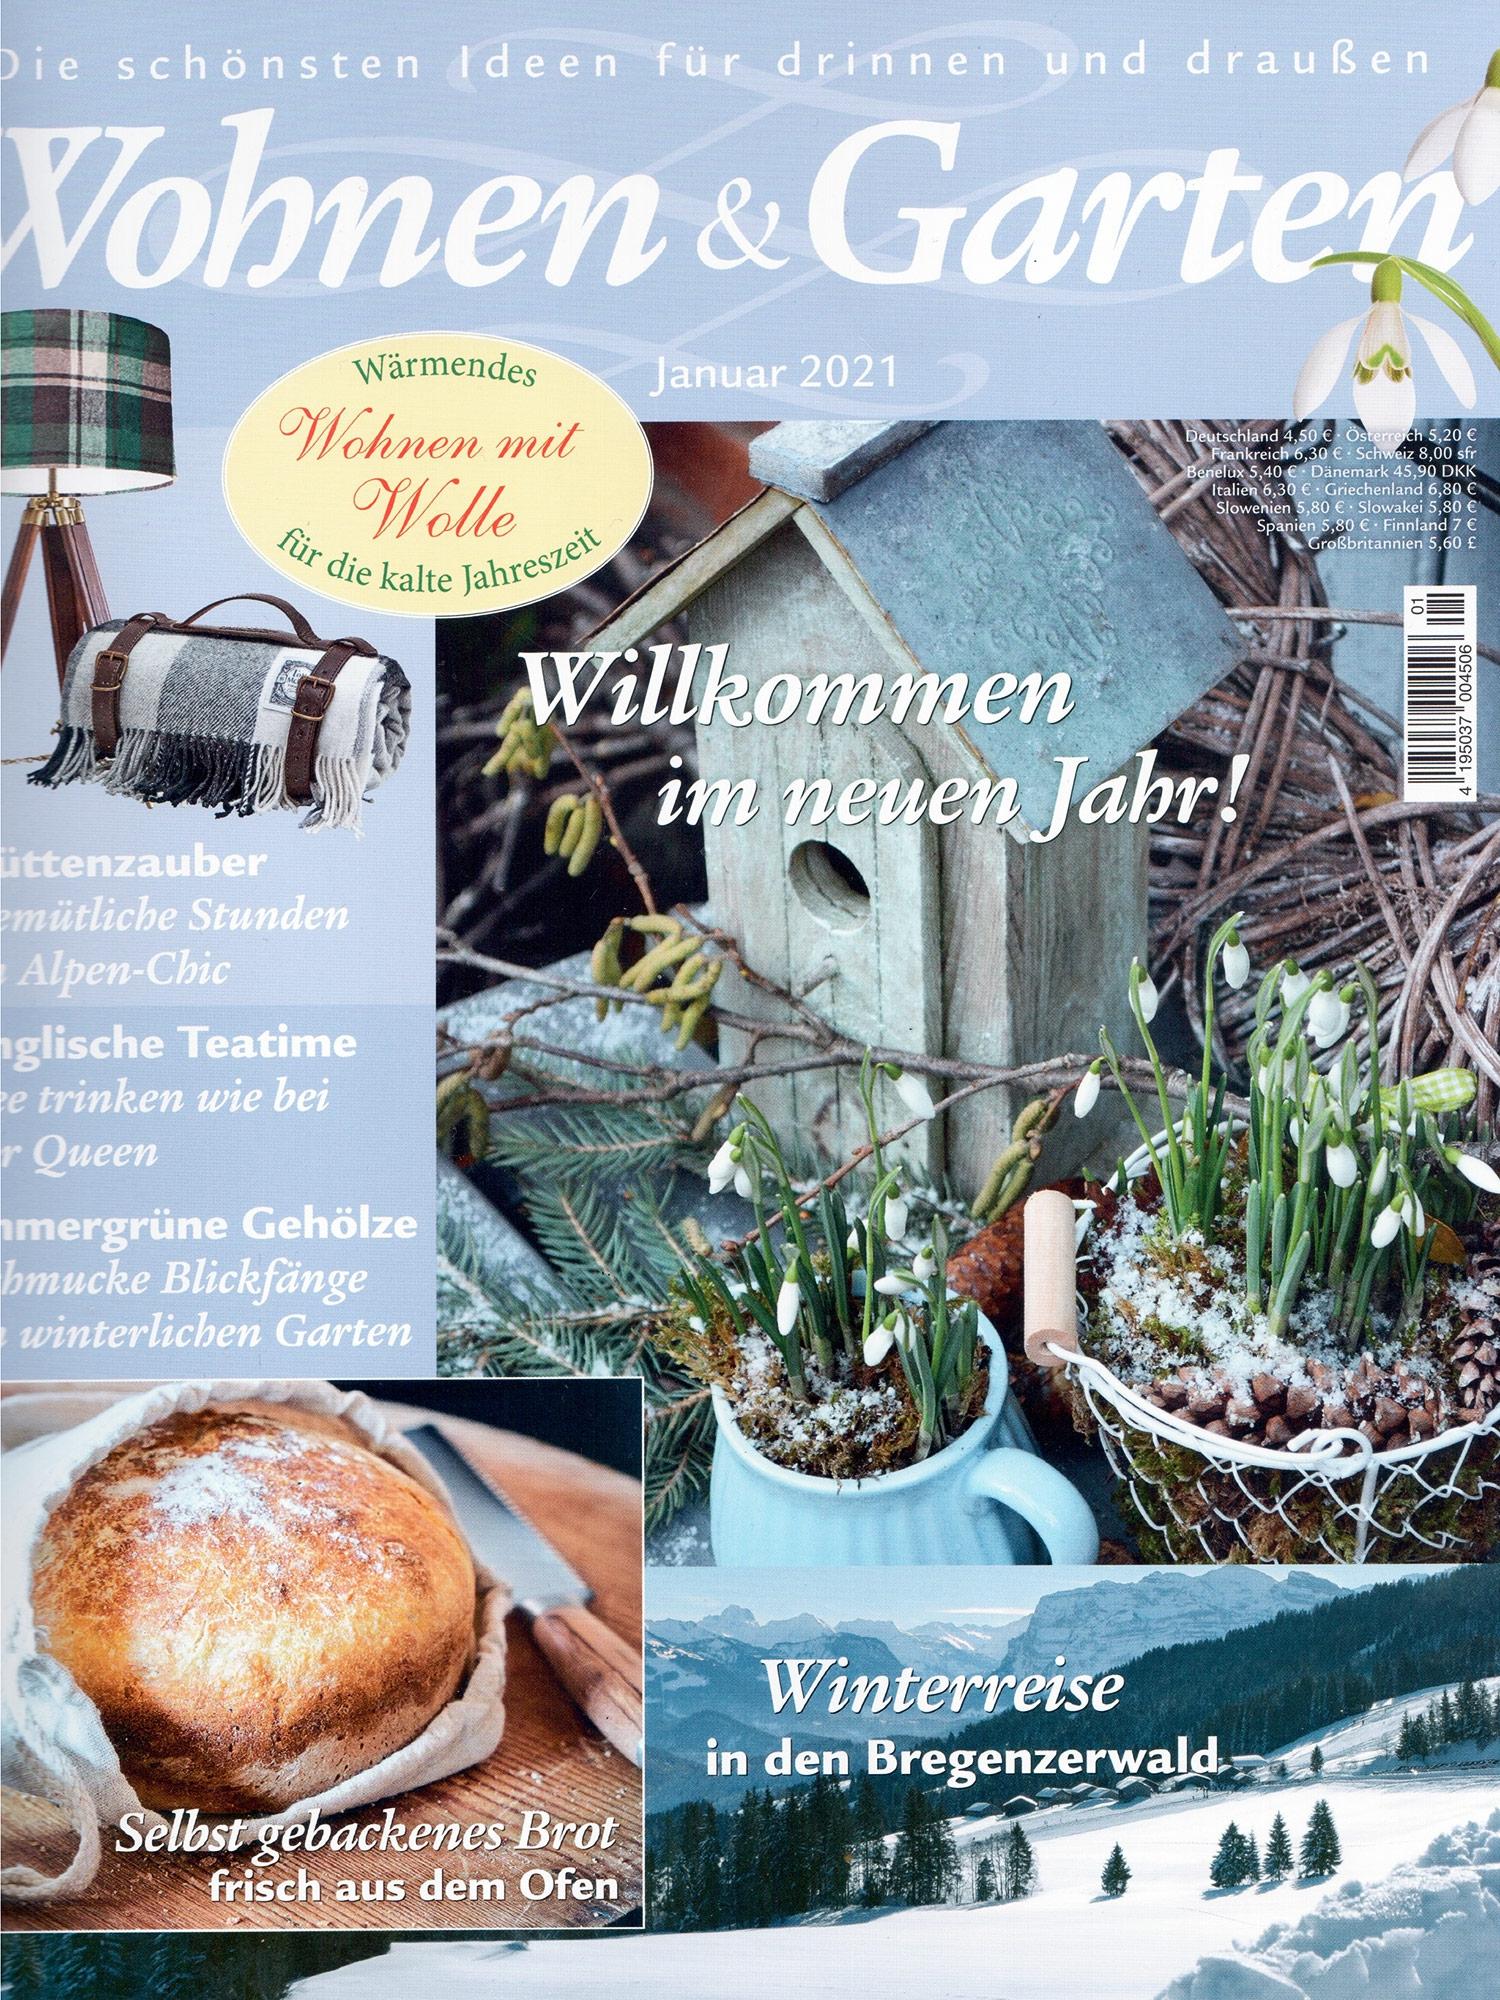 Wohnen und Garten 01 2021 - Cover